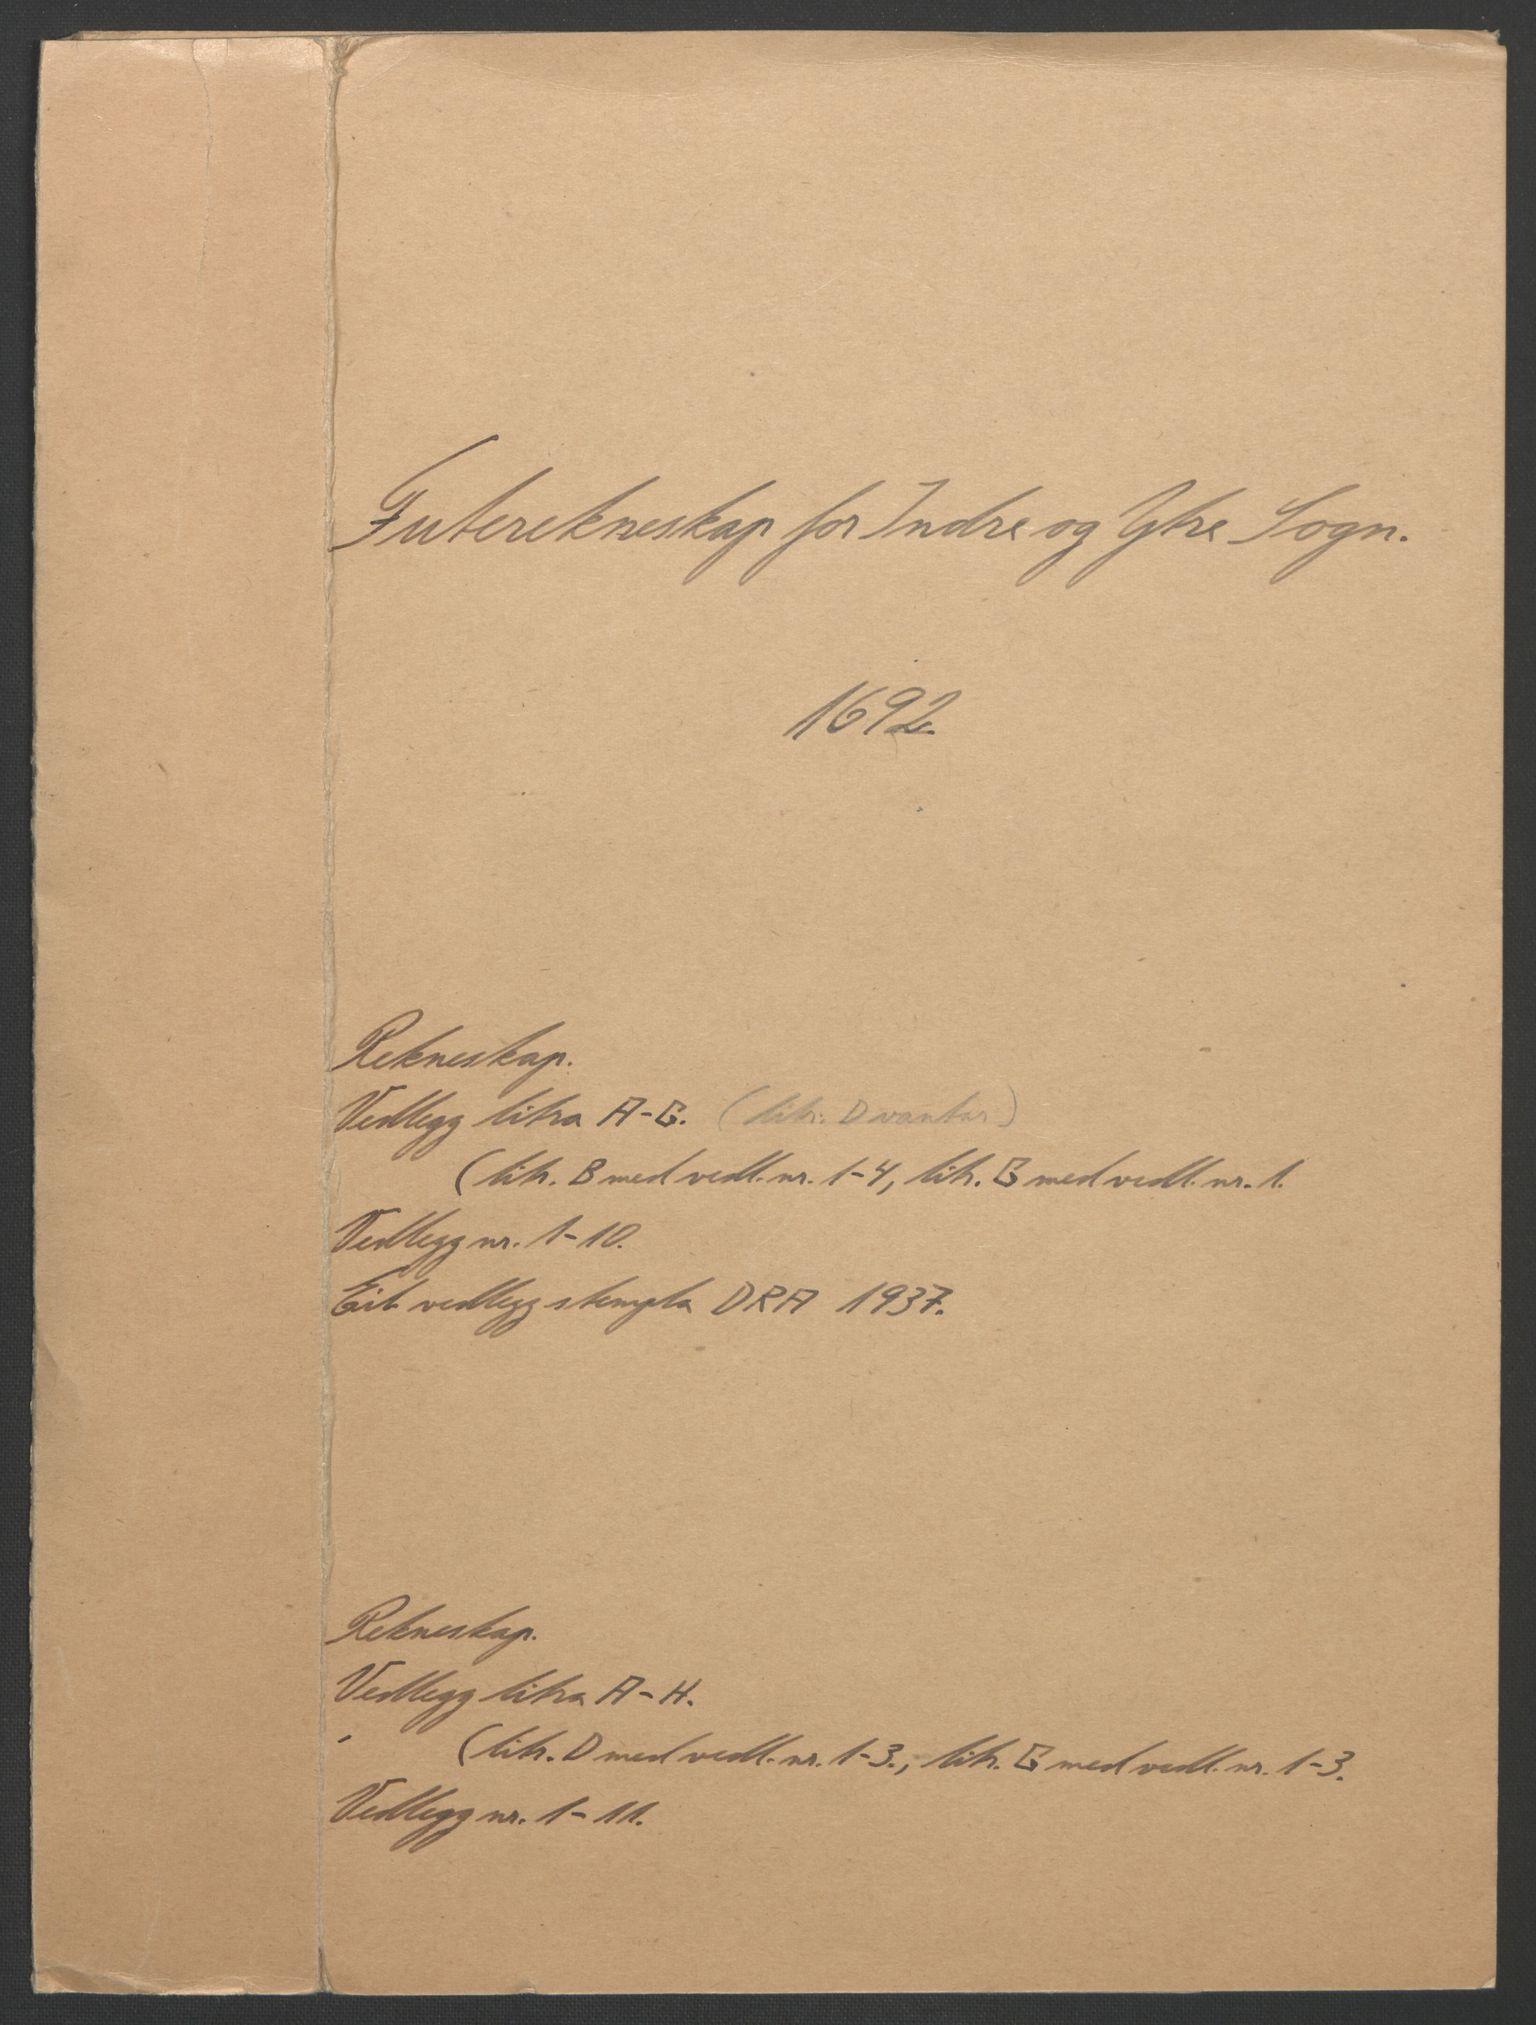 RA, Rentekammeret inntil 1814, Reviderte regnskaper, Fogderegnskap, R52/L3306: Fogderegnskap Sogn, 1691-1692, s. 105